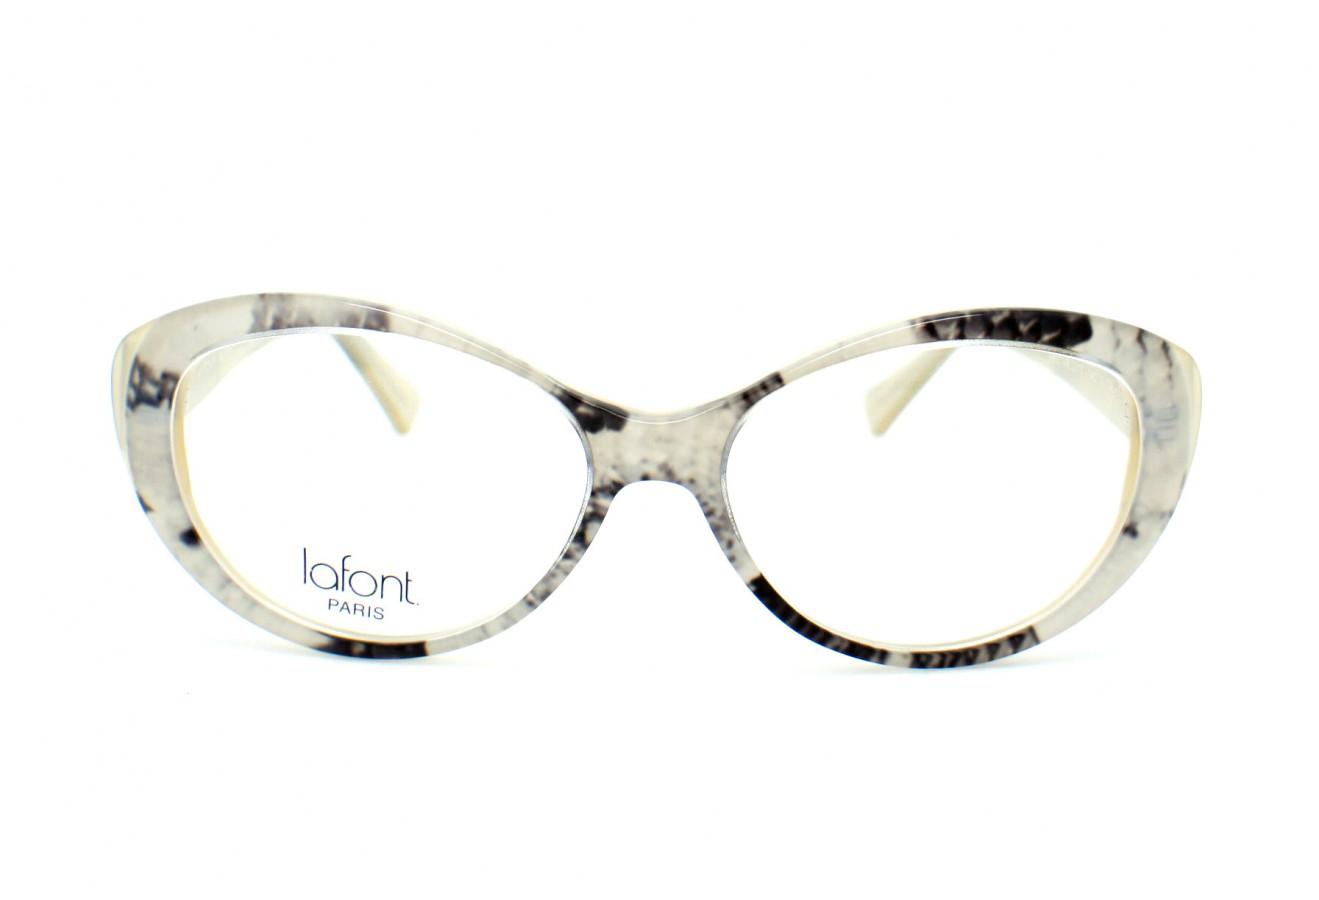 Mettre des lunettes conformes à la glisse